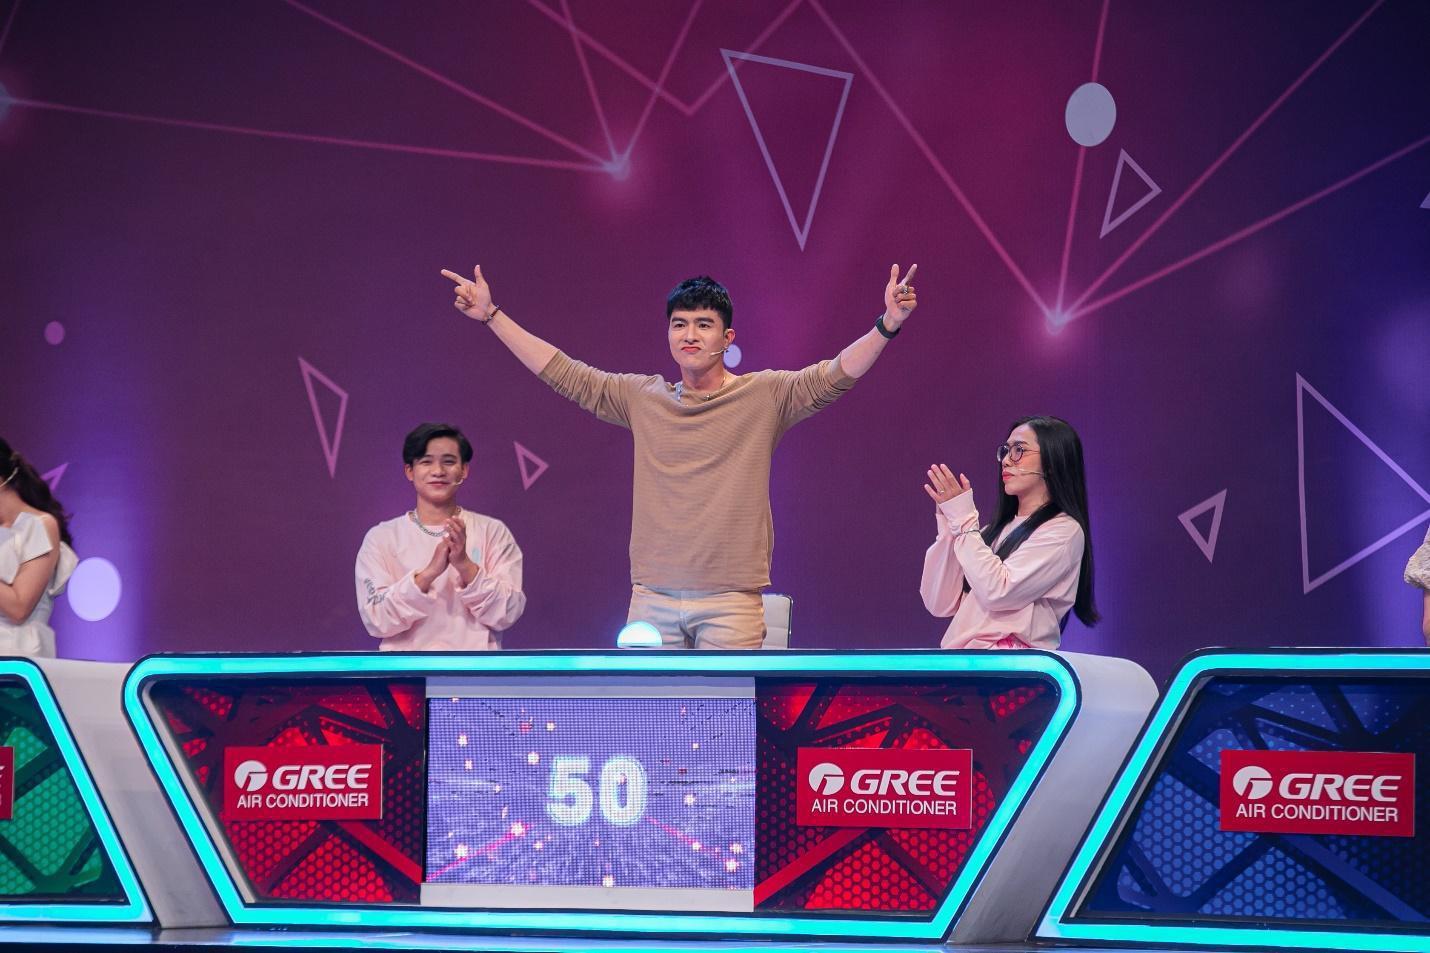 """Chơi ăn gian, Hải Triều bị Trịnh Thăng Bình """"dạy dỗ"""" ngay trên sóng truyền hình - Ảnh 7."""